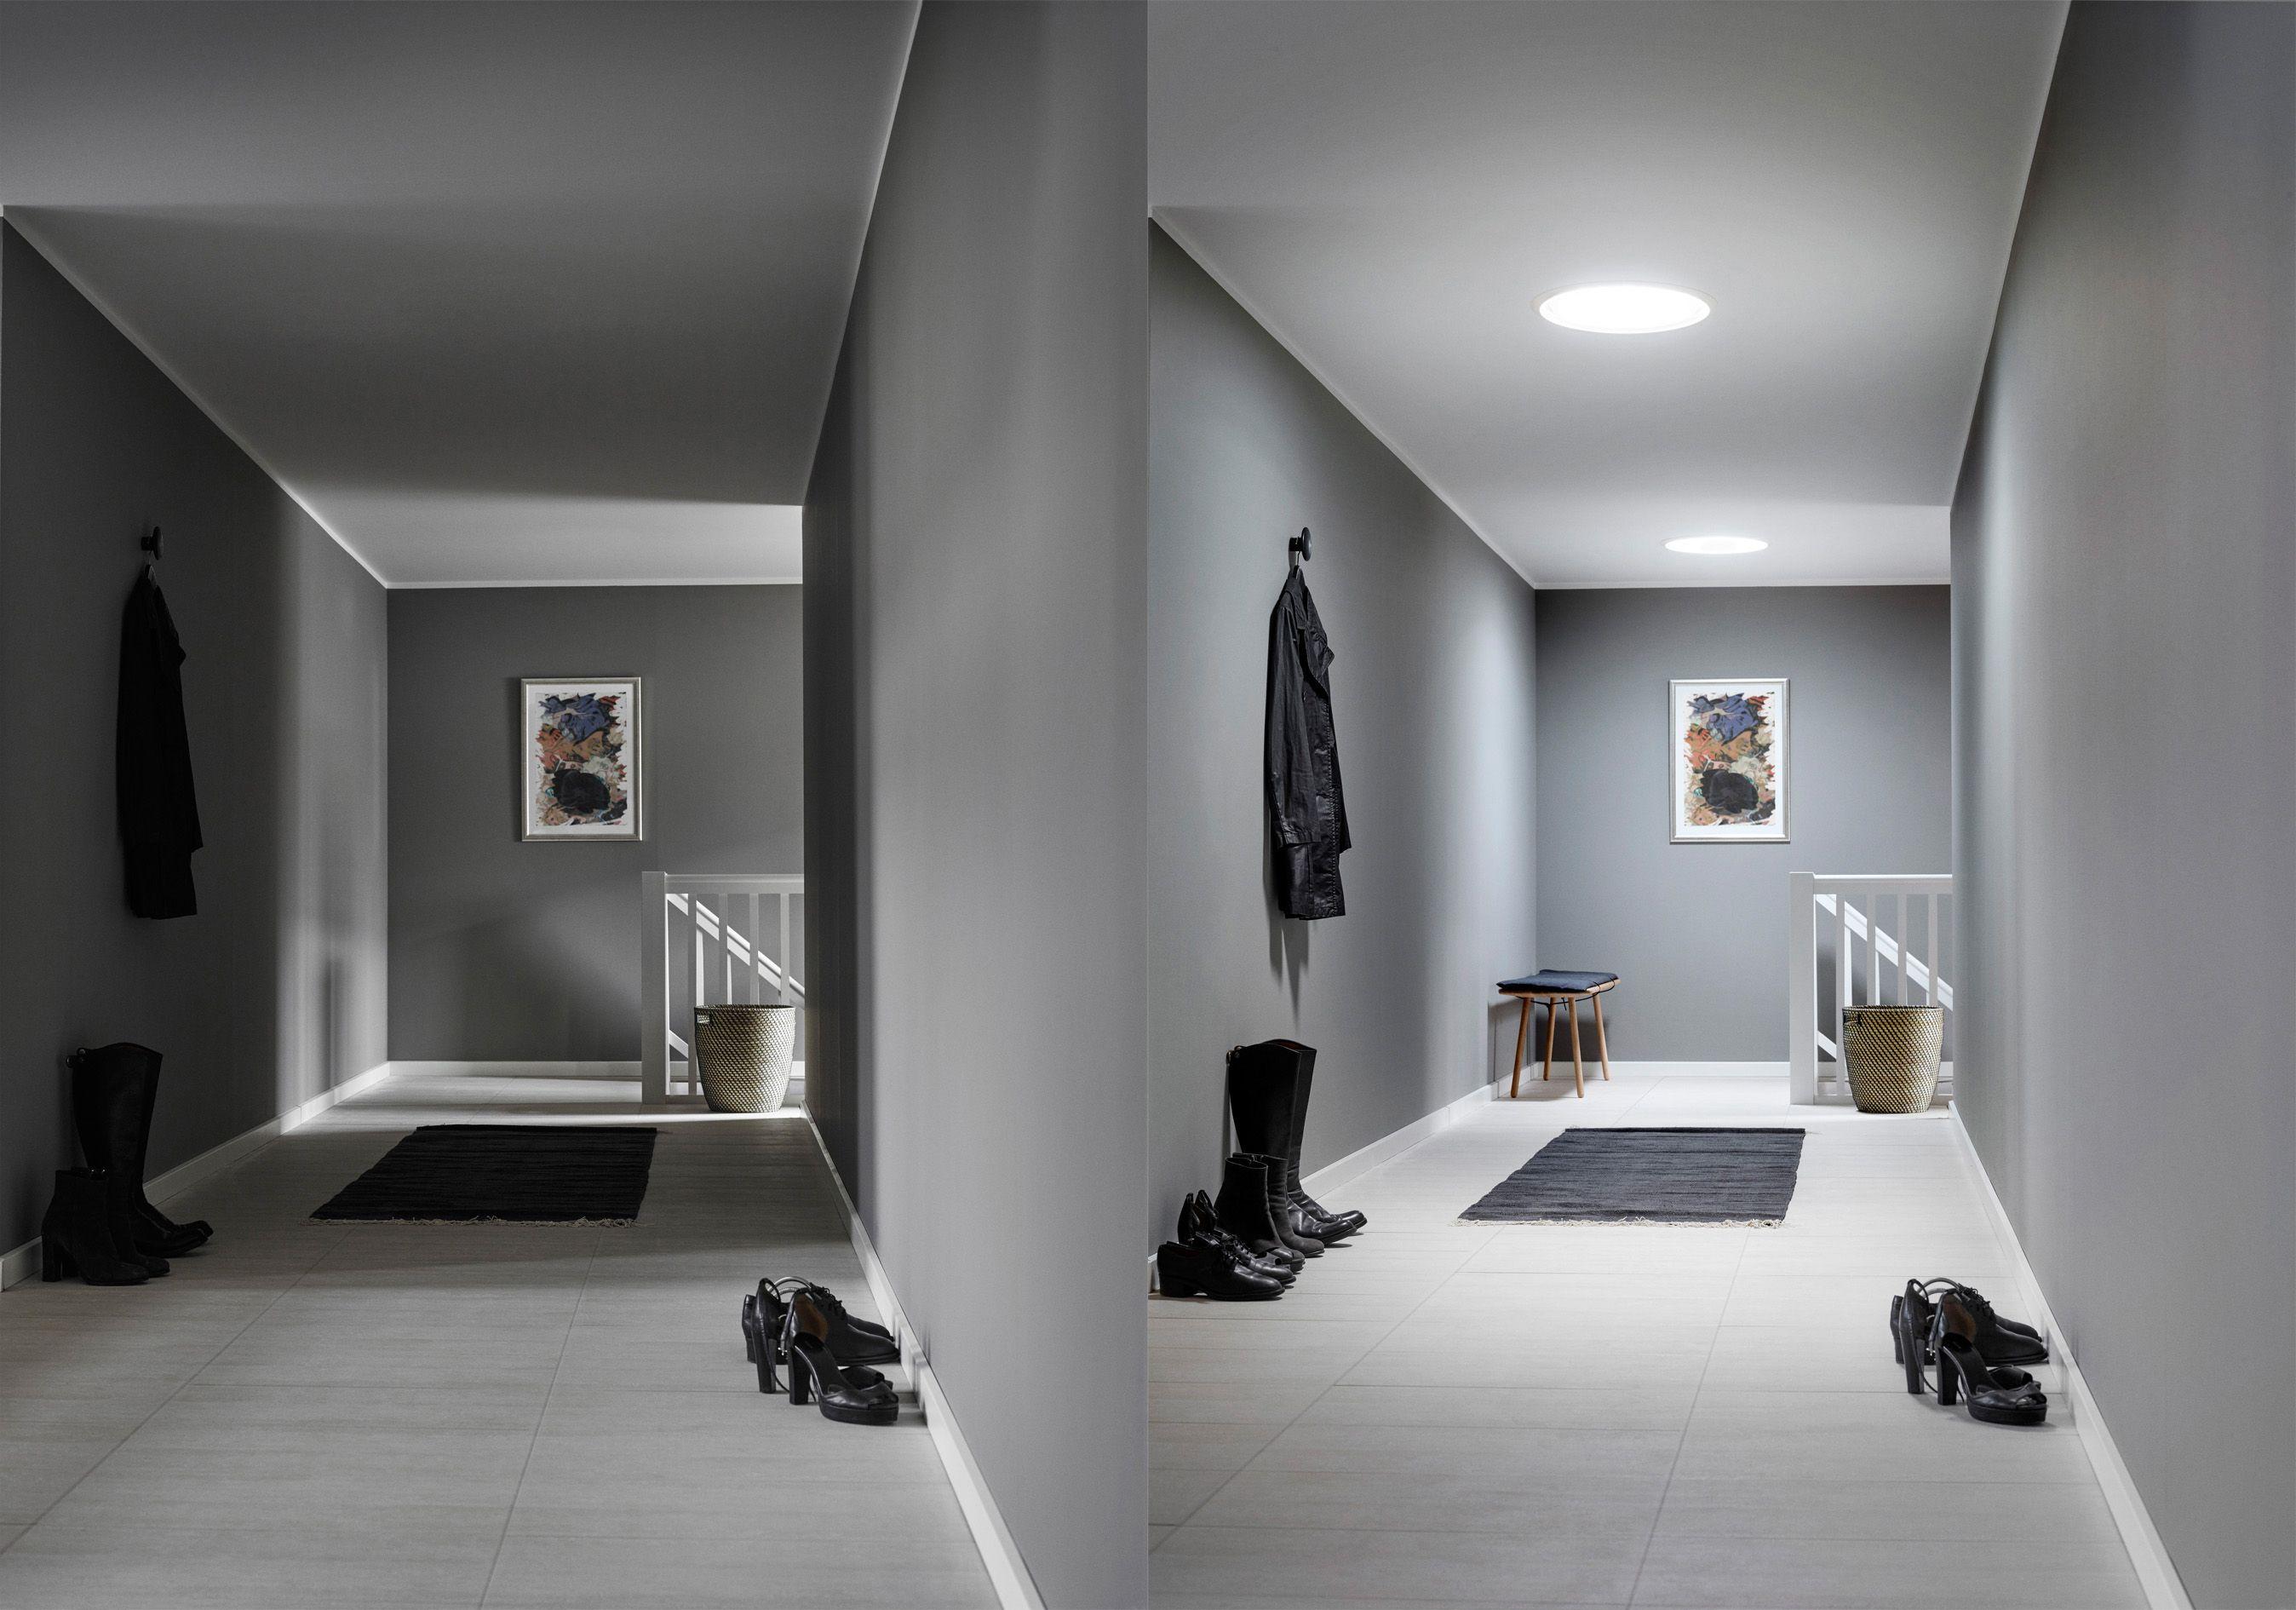 Belichtung aus der Röhre - Tageslicht-Spots ermöglichen Lichtzufuhr ...